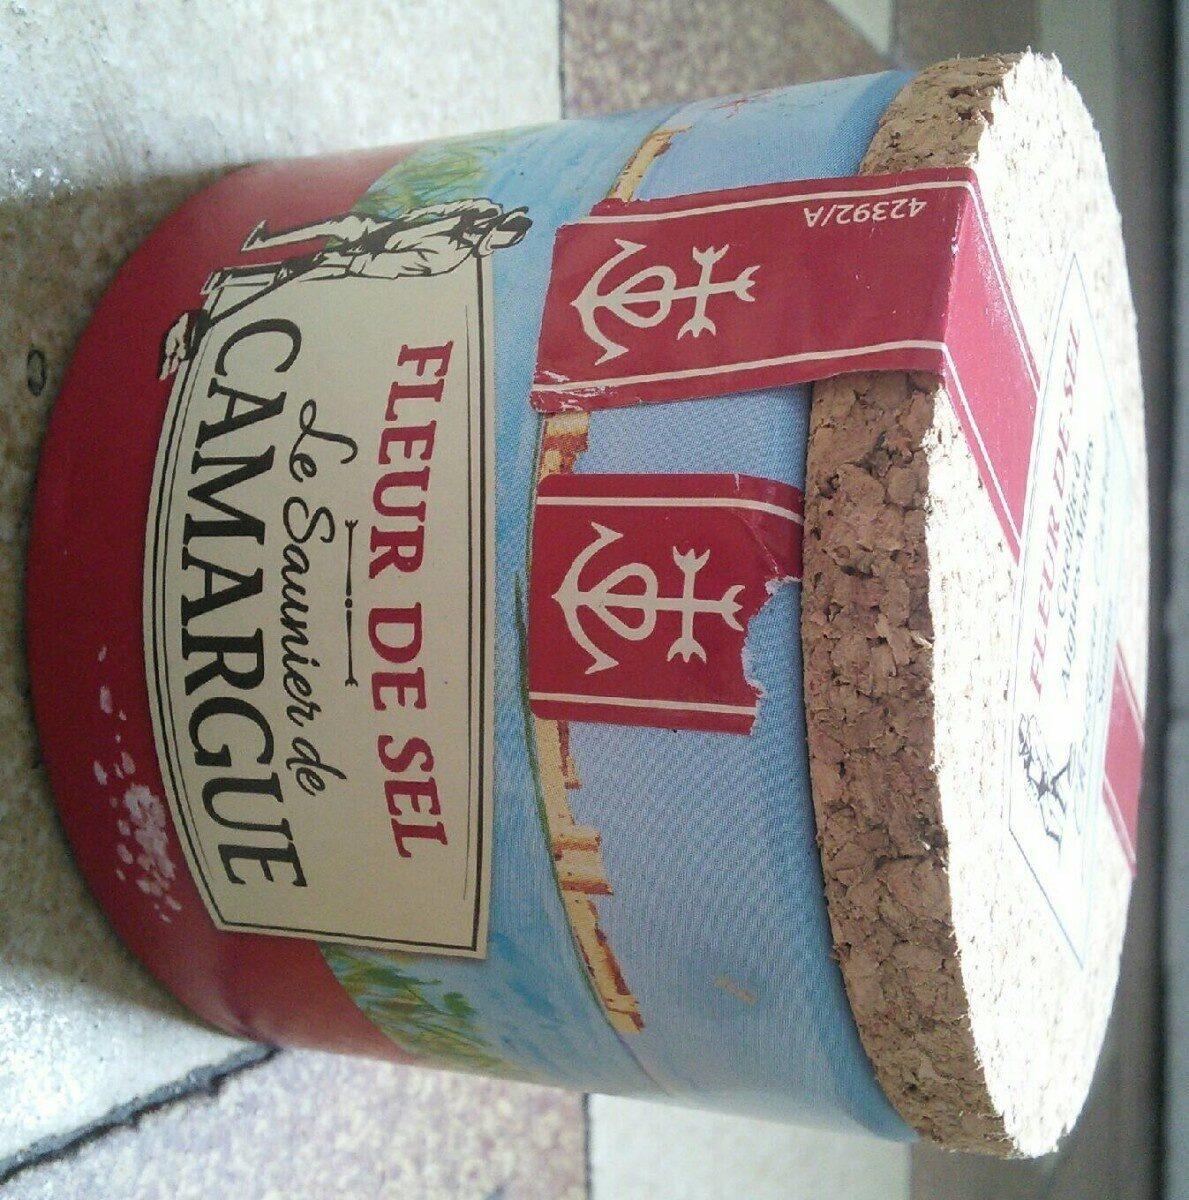 FLEUR DE SEL 125GR LE SAUNIER DE CAMARGUE - Valori nutrizionali - fr